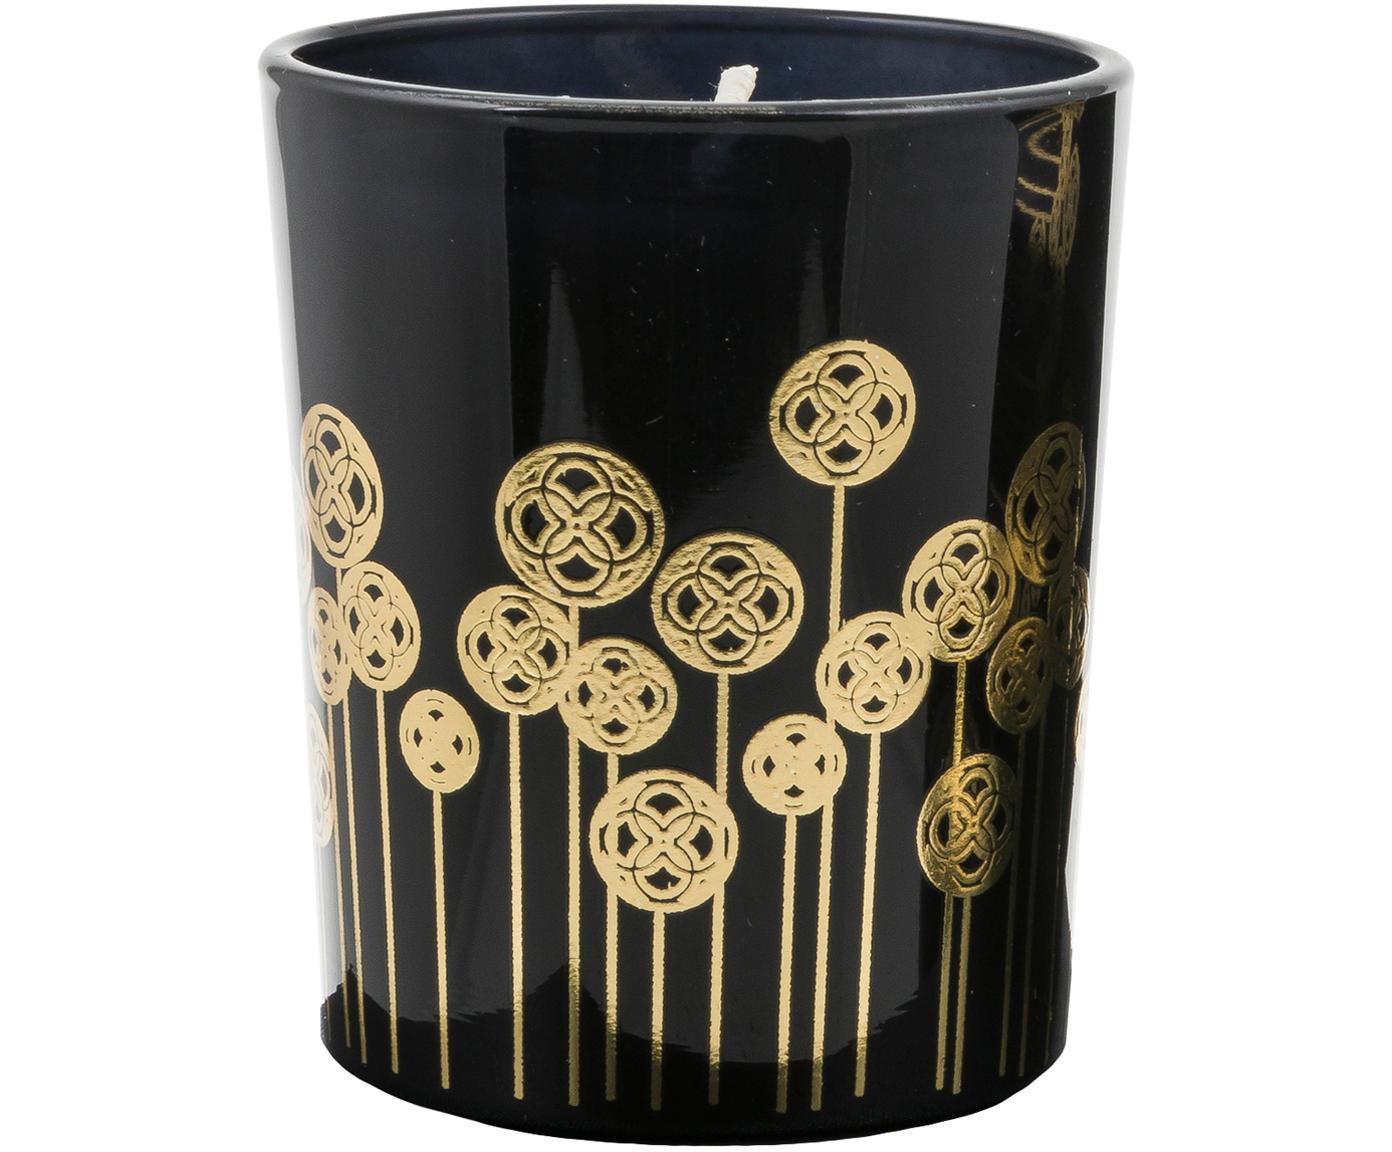 Geurkaarsen Pamakule (lelie, roos en oranjebloesem), 3 stuks, Houder: glas, Zwart, goudkleurig, Ø 6 x H 7 cm